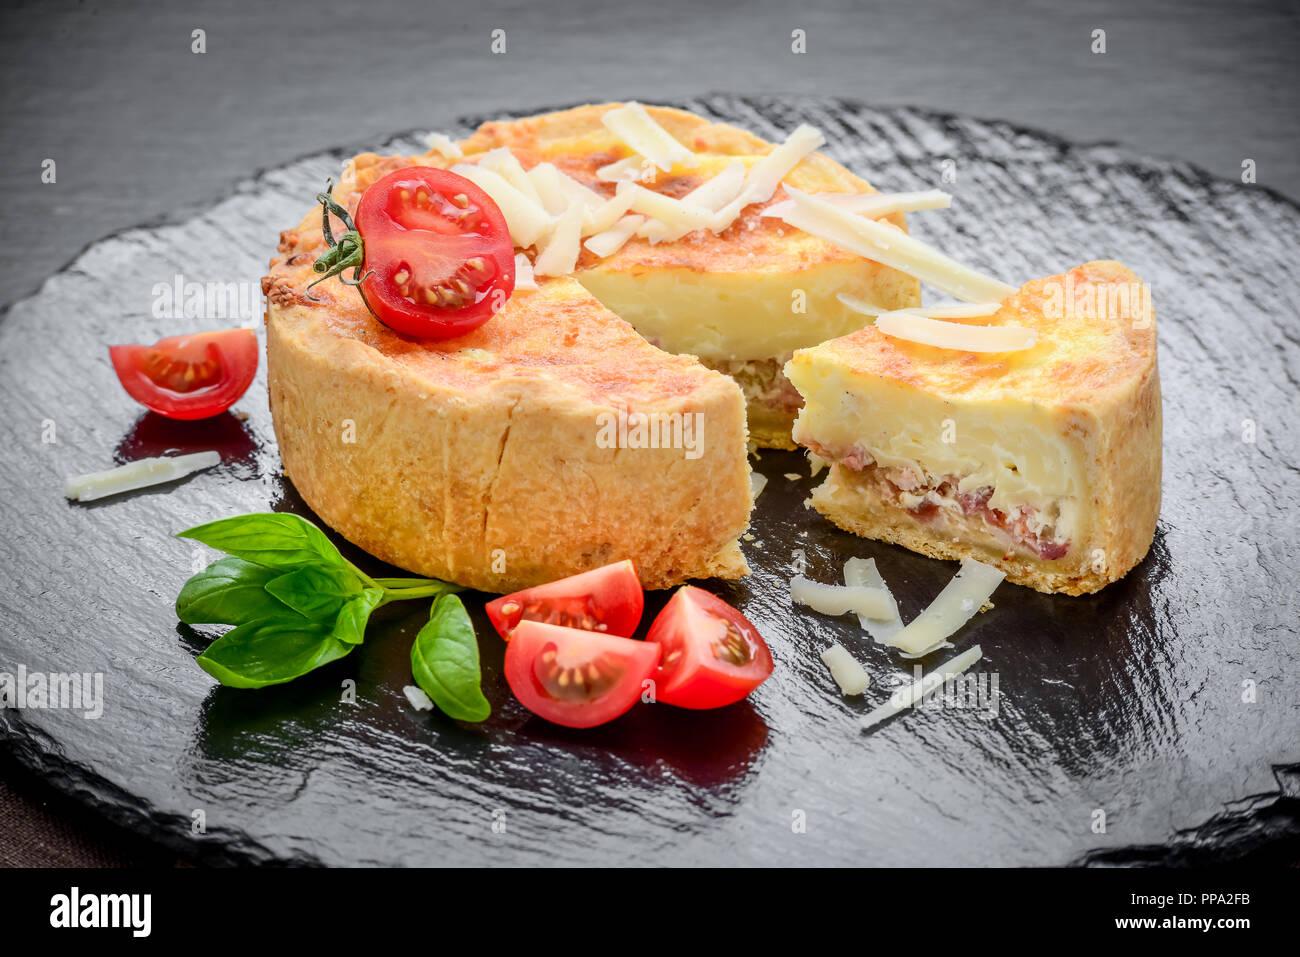 Gesundes Essen Leckeren Kuchen Mit Verschiedenen Fullungen